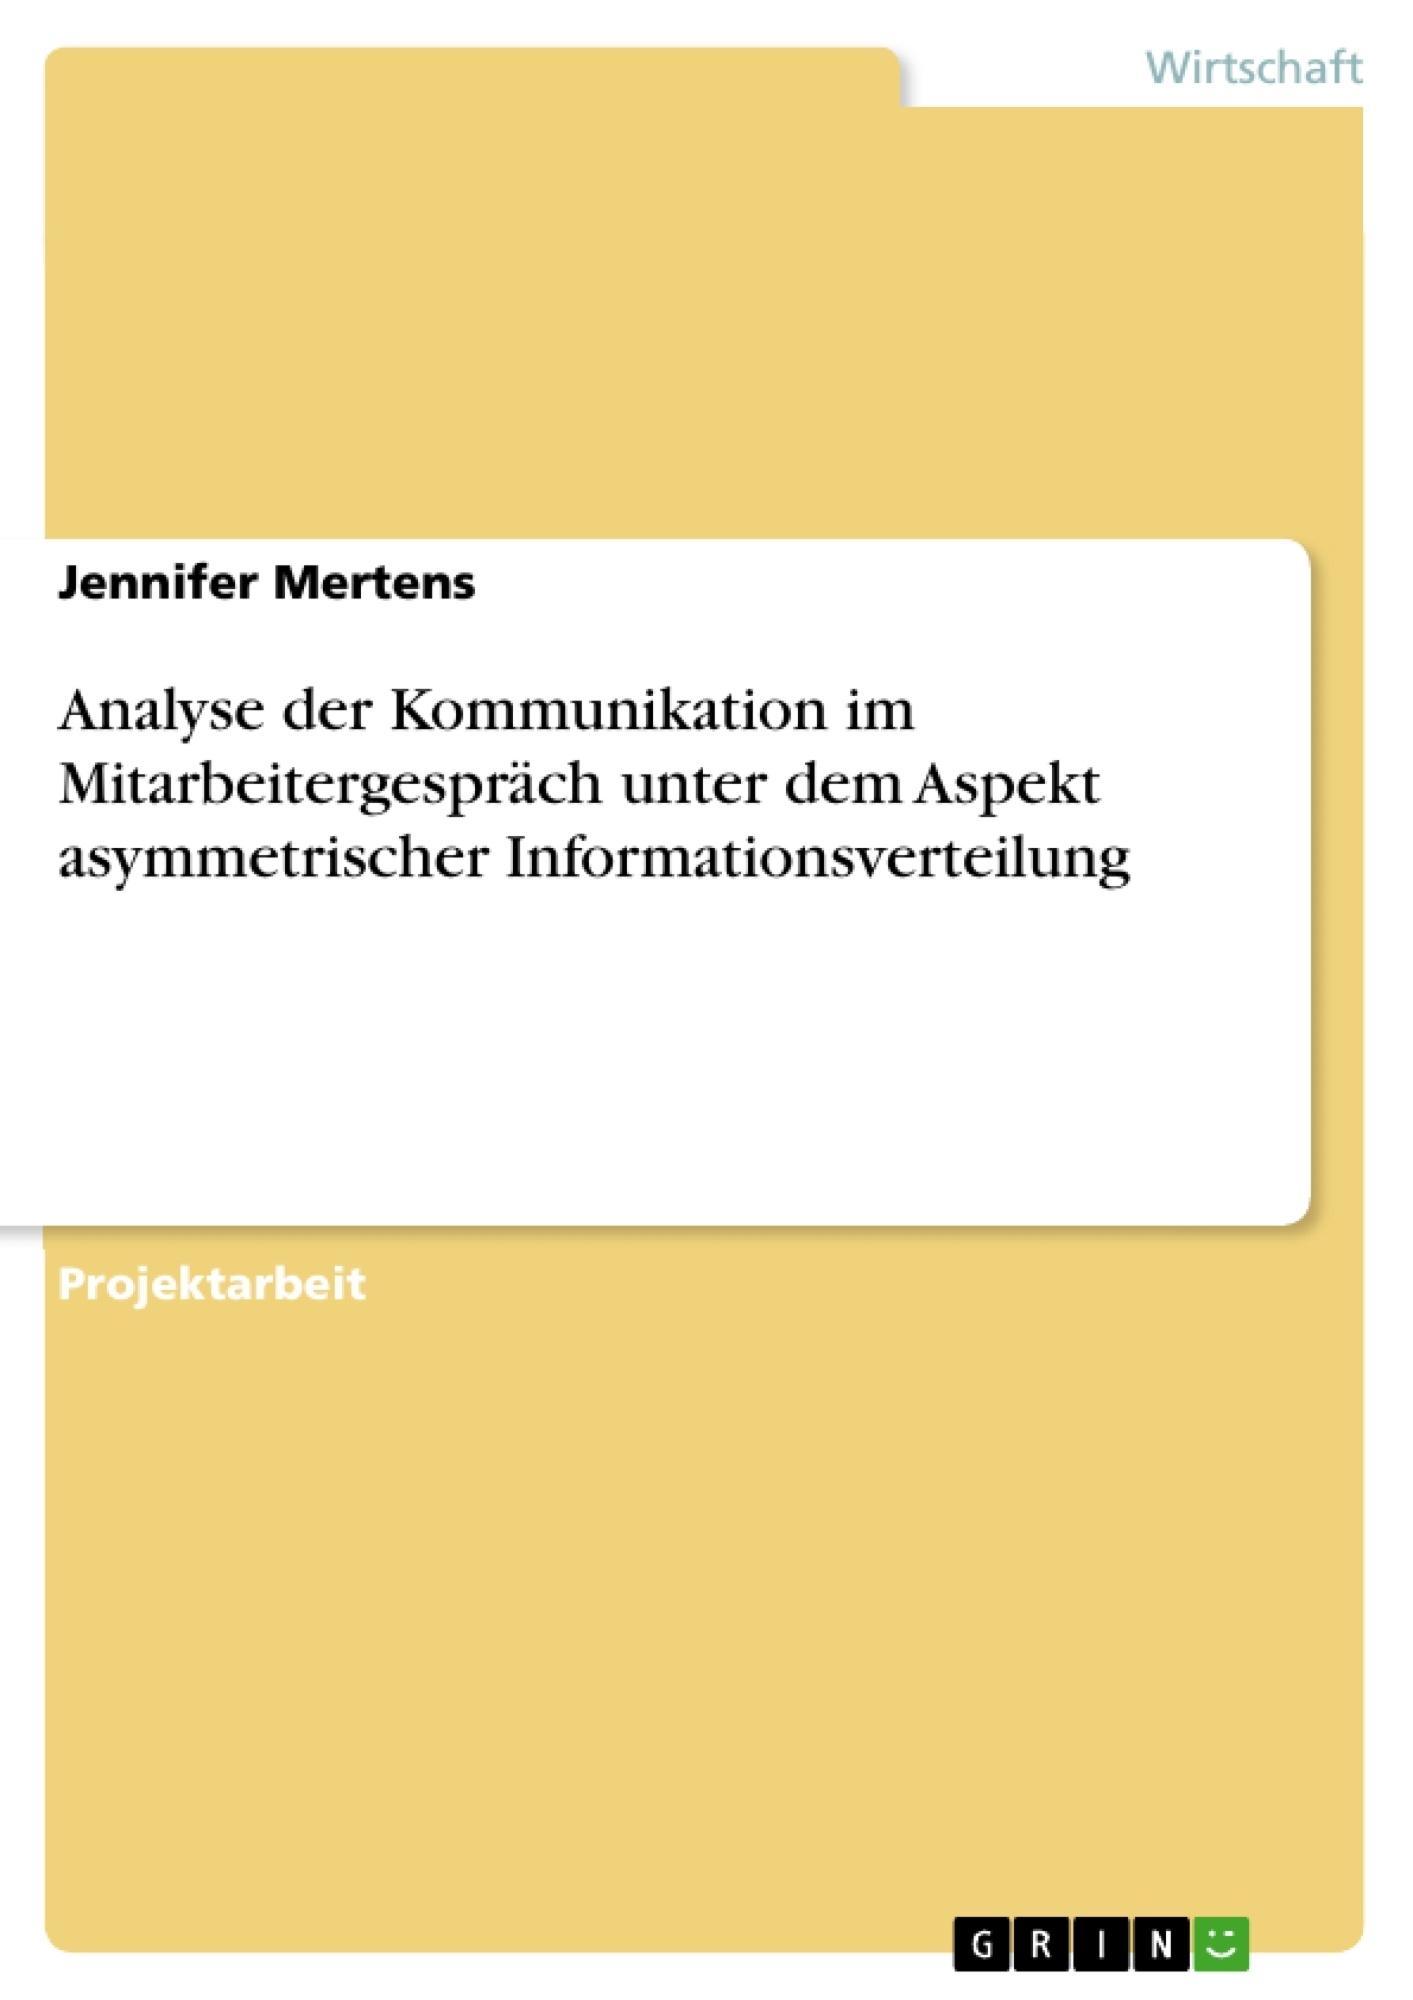 Titel: Analyse der Kommunikation im Mitarbeitergespräch unter dem Aspekt asymmetrischer Informationsverteilung